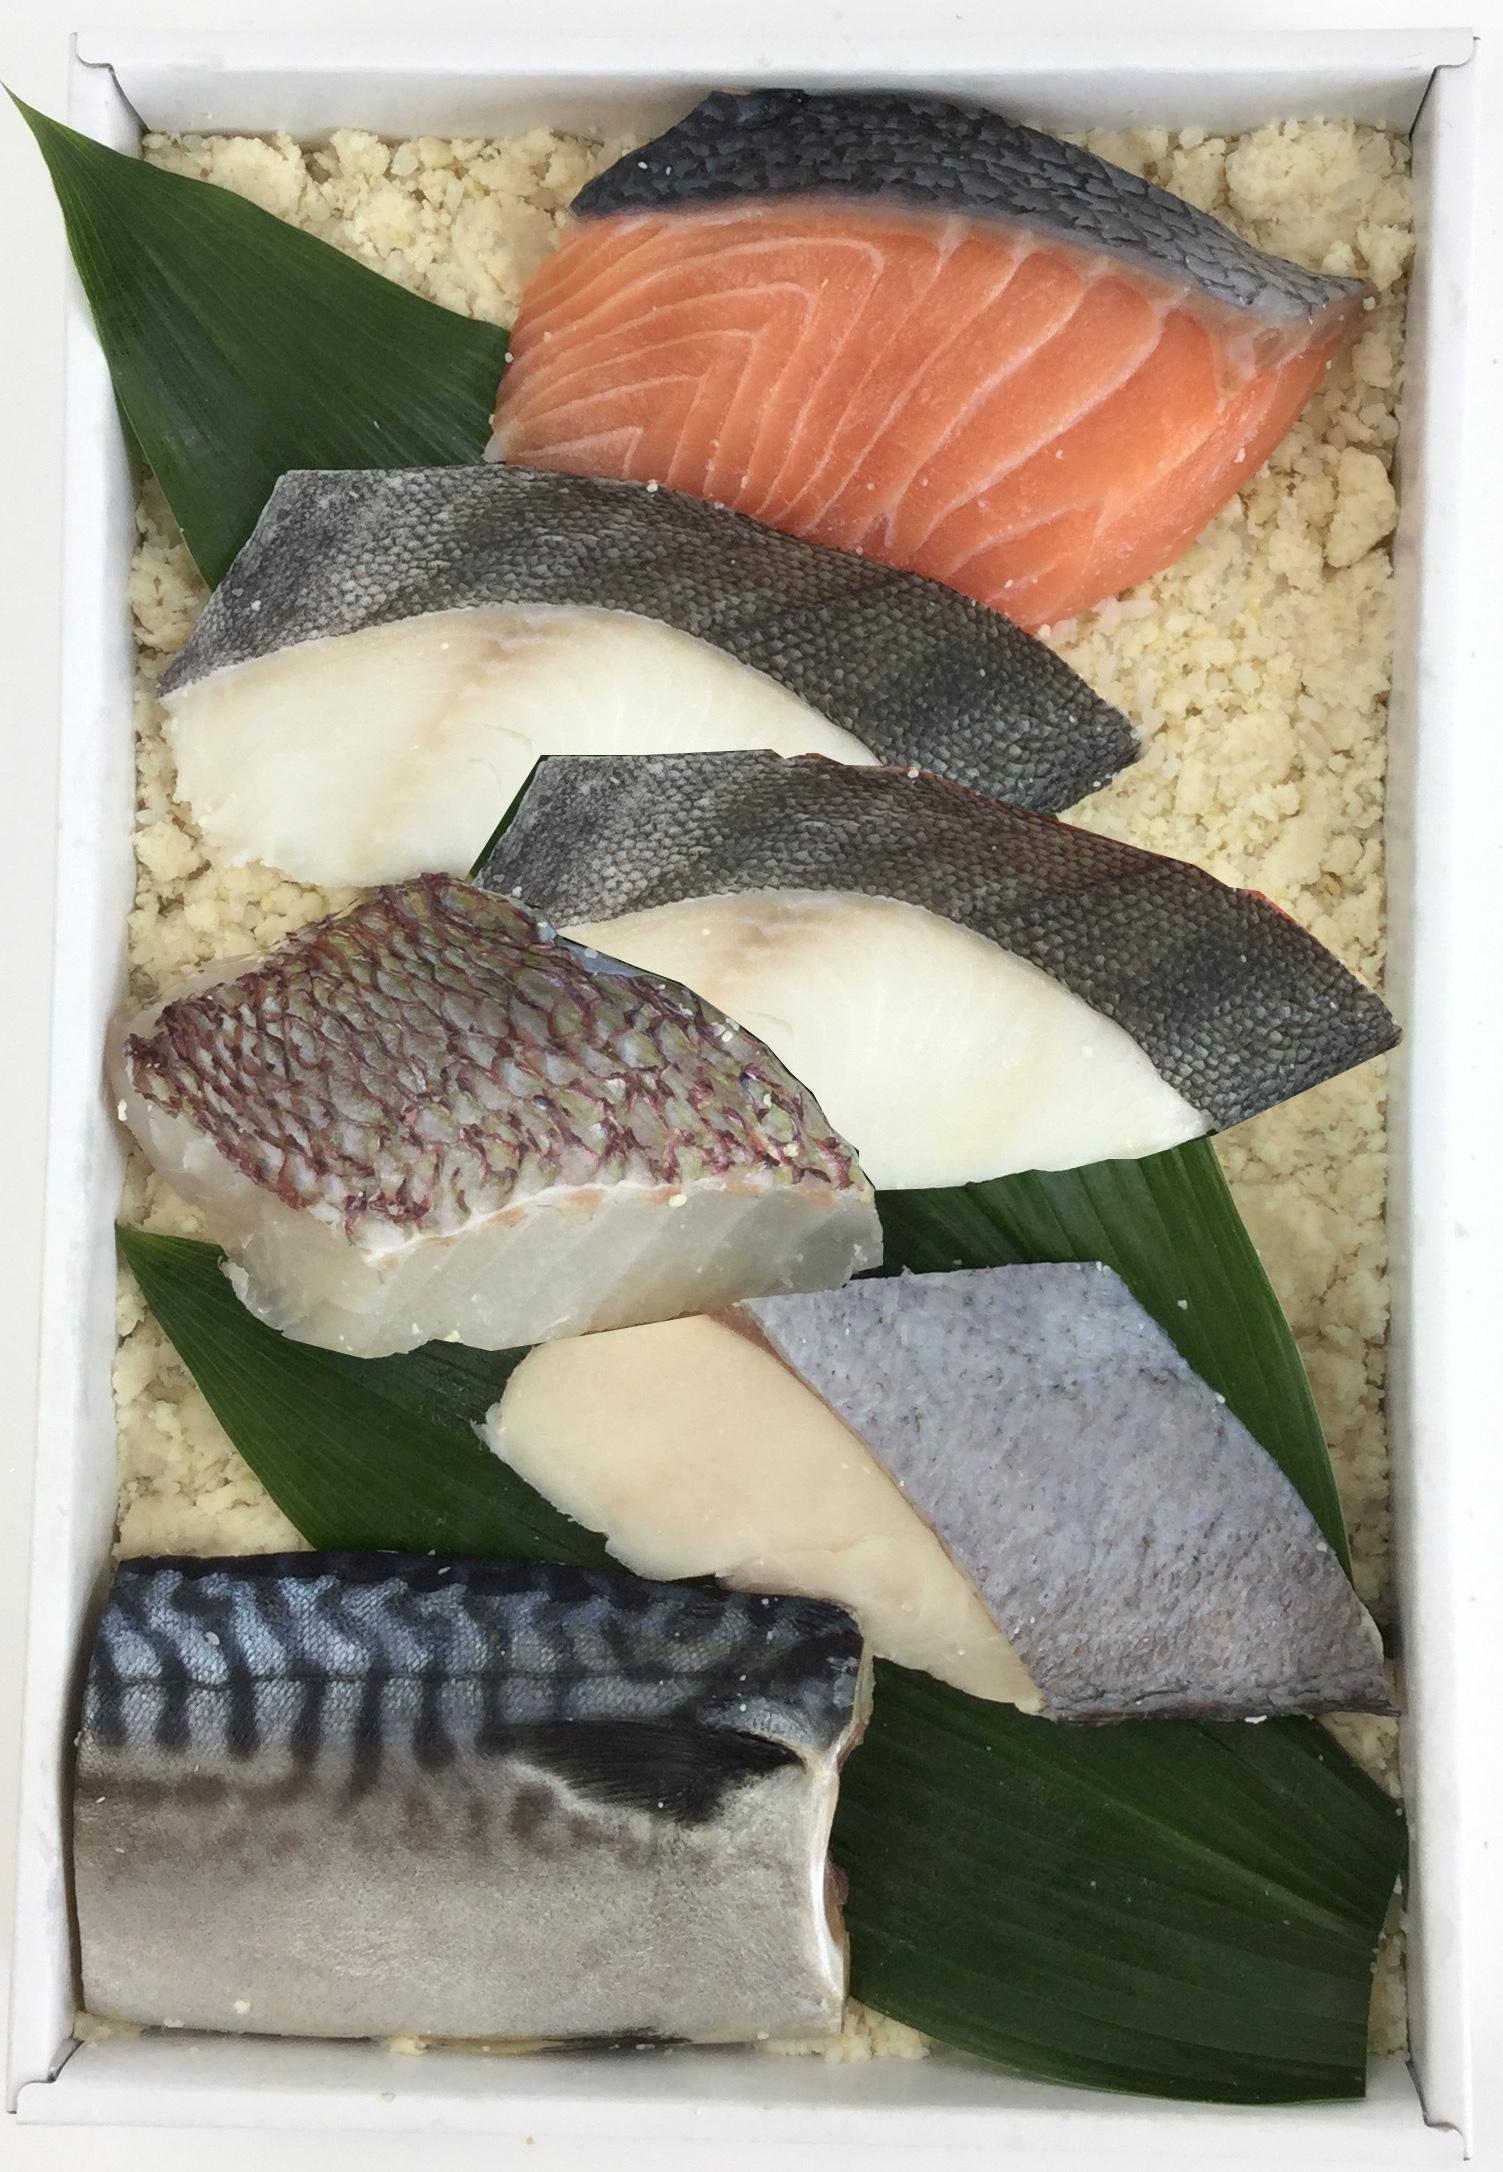 【送料込み】蔵直 -別誂- 漬け魚詰合せ50E ちょっと小ぶりな食べきりサイズ詰合せ